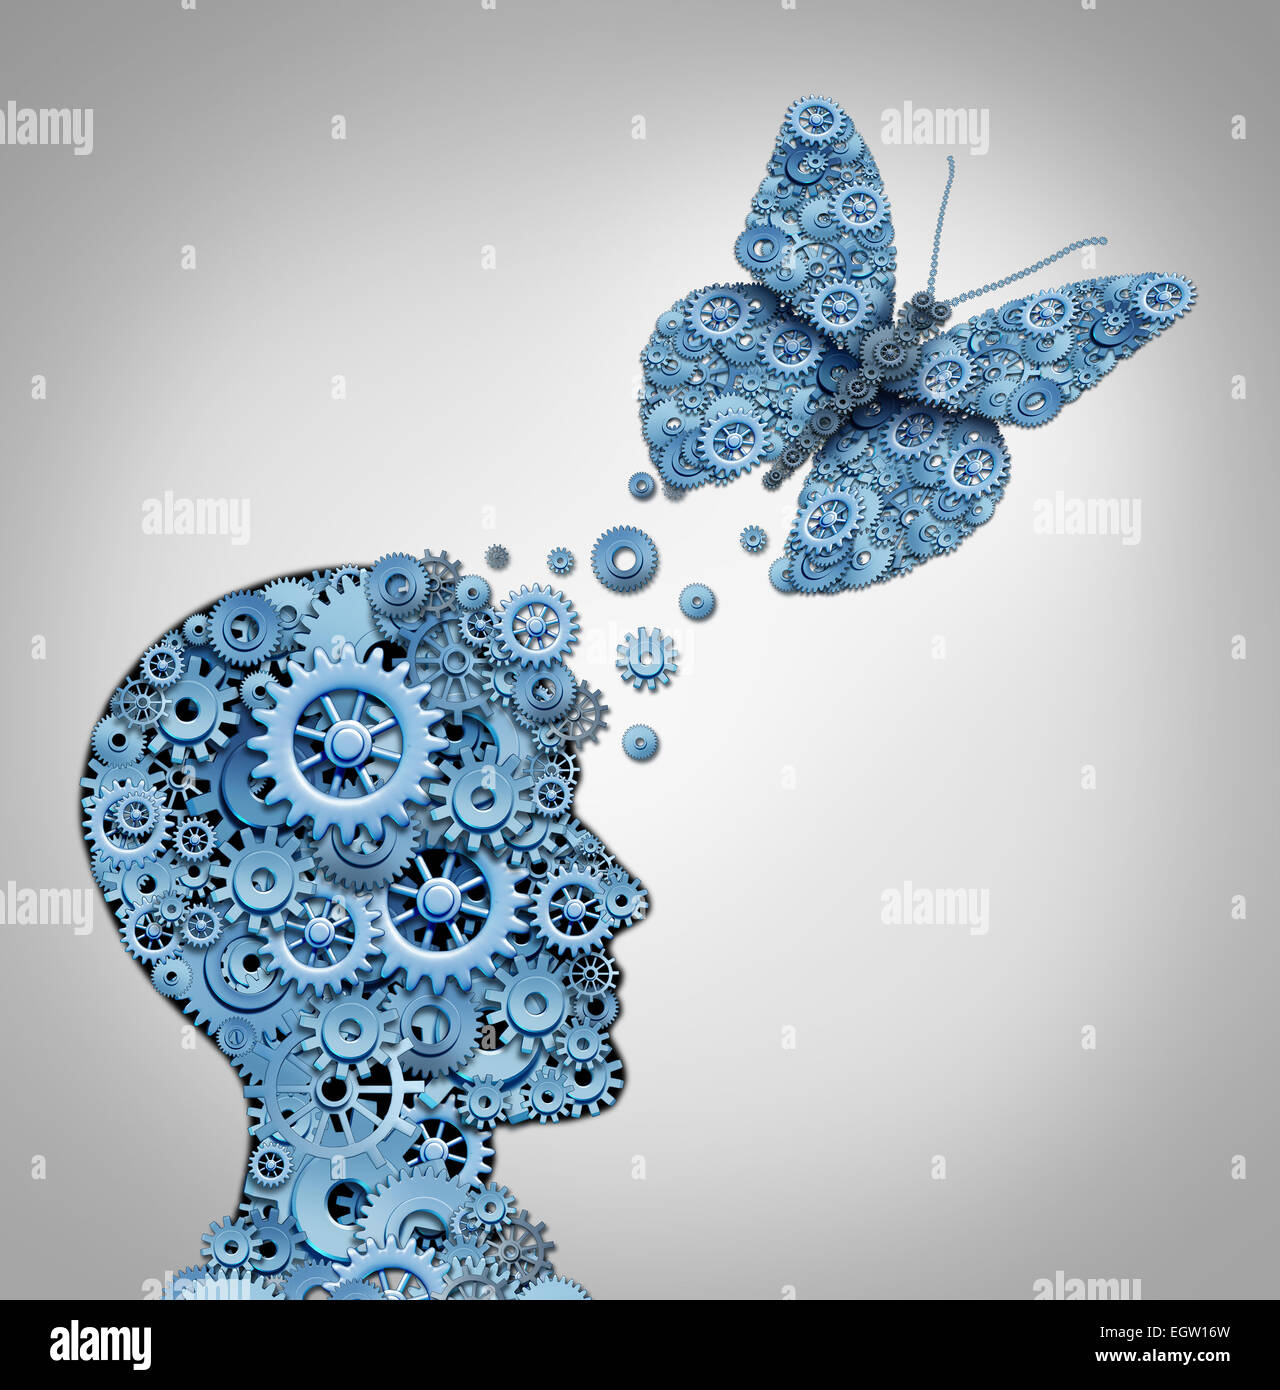 El pensamiento humano y el concepto de inteligencia artificial como un símbolo de tecnología para un robot de cabeza Foto de stock